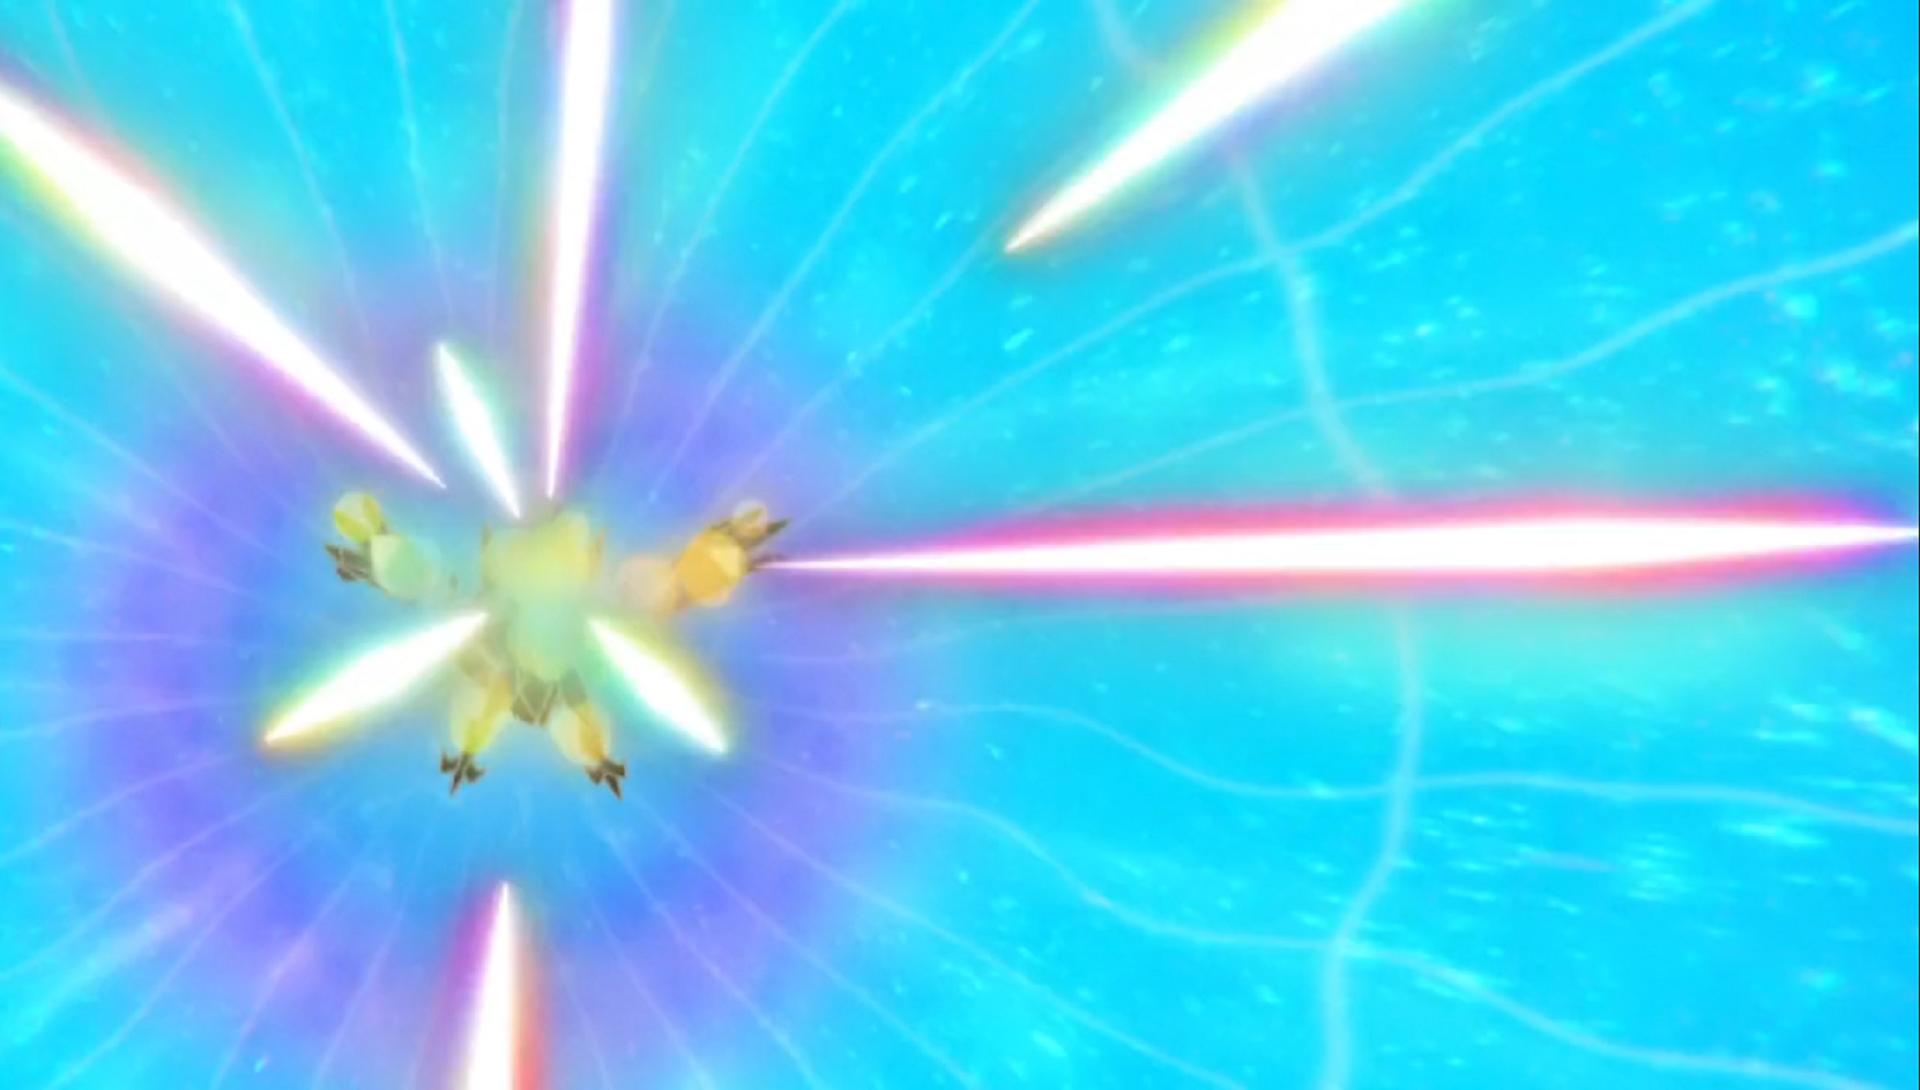 Prismatic Laser